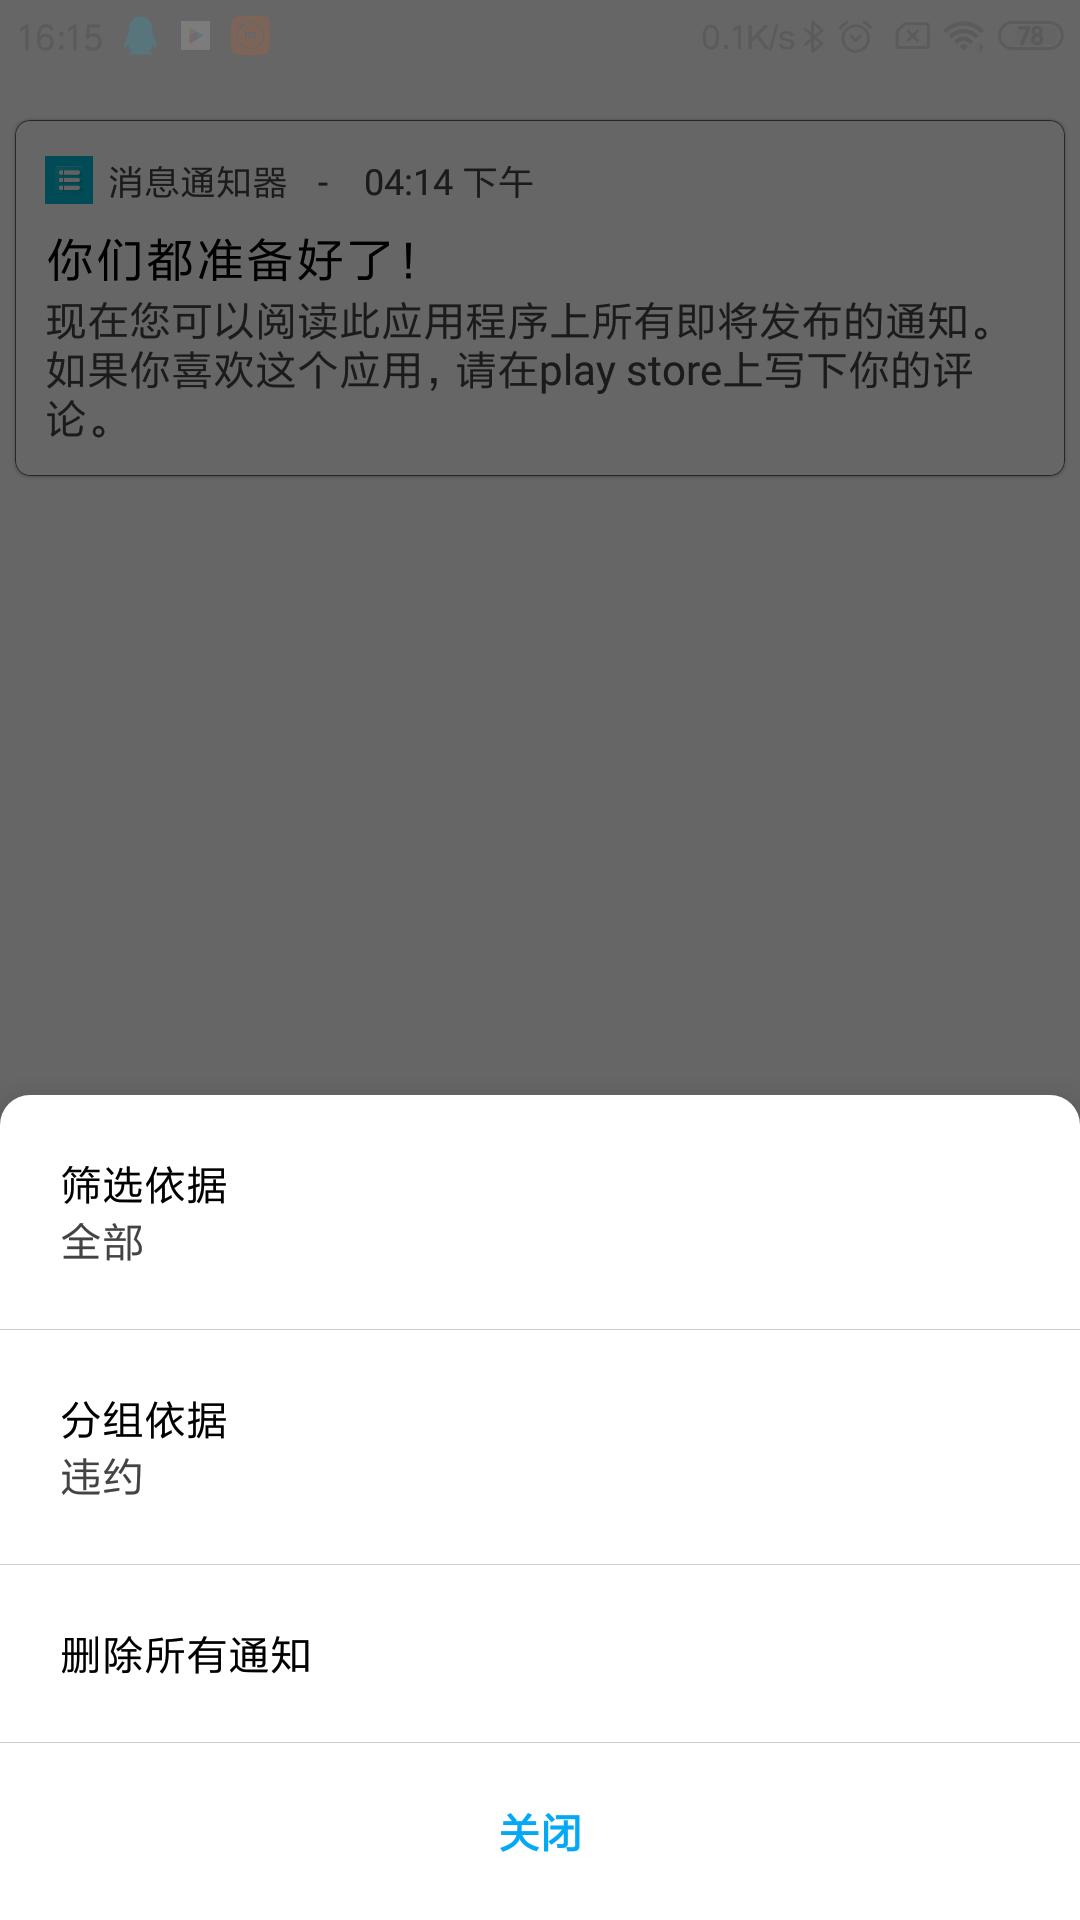 【分享】消息通知器汉化版。3.5.0